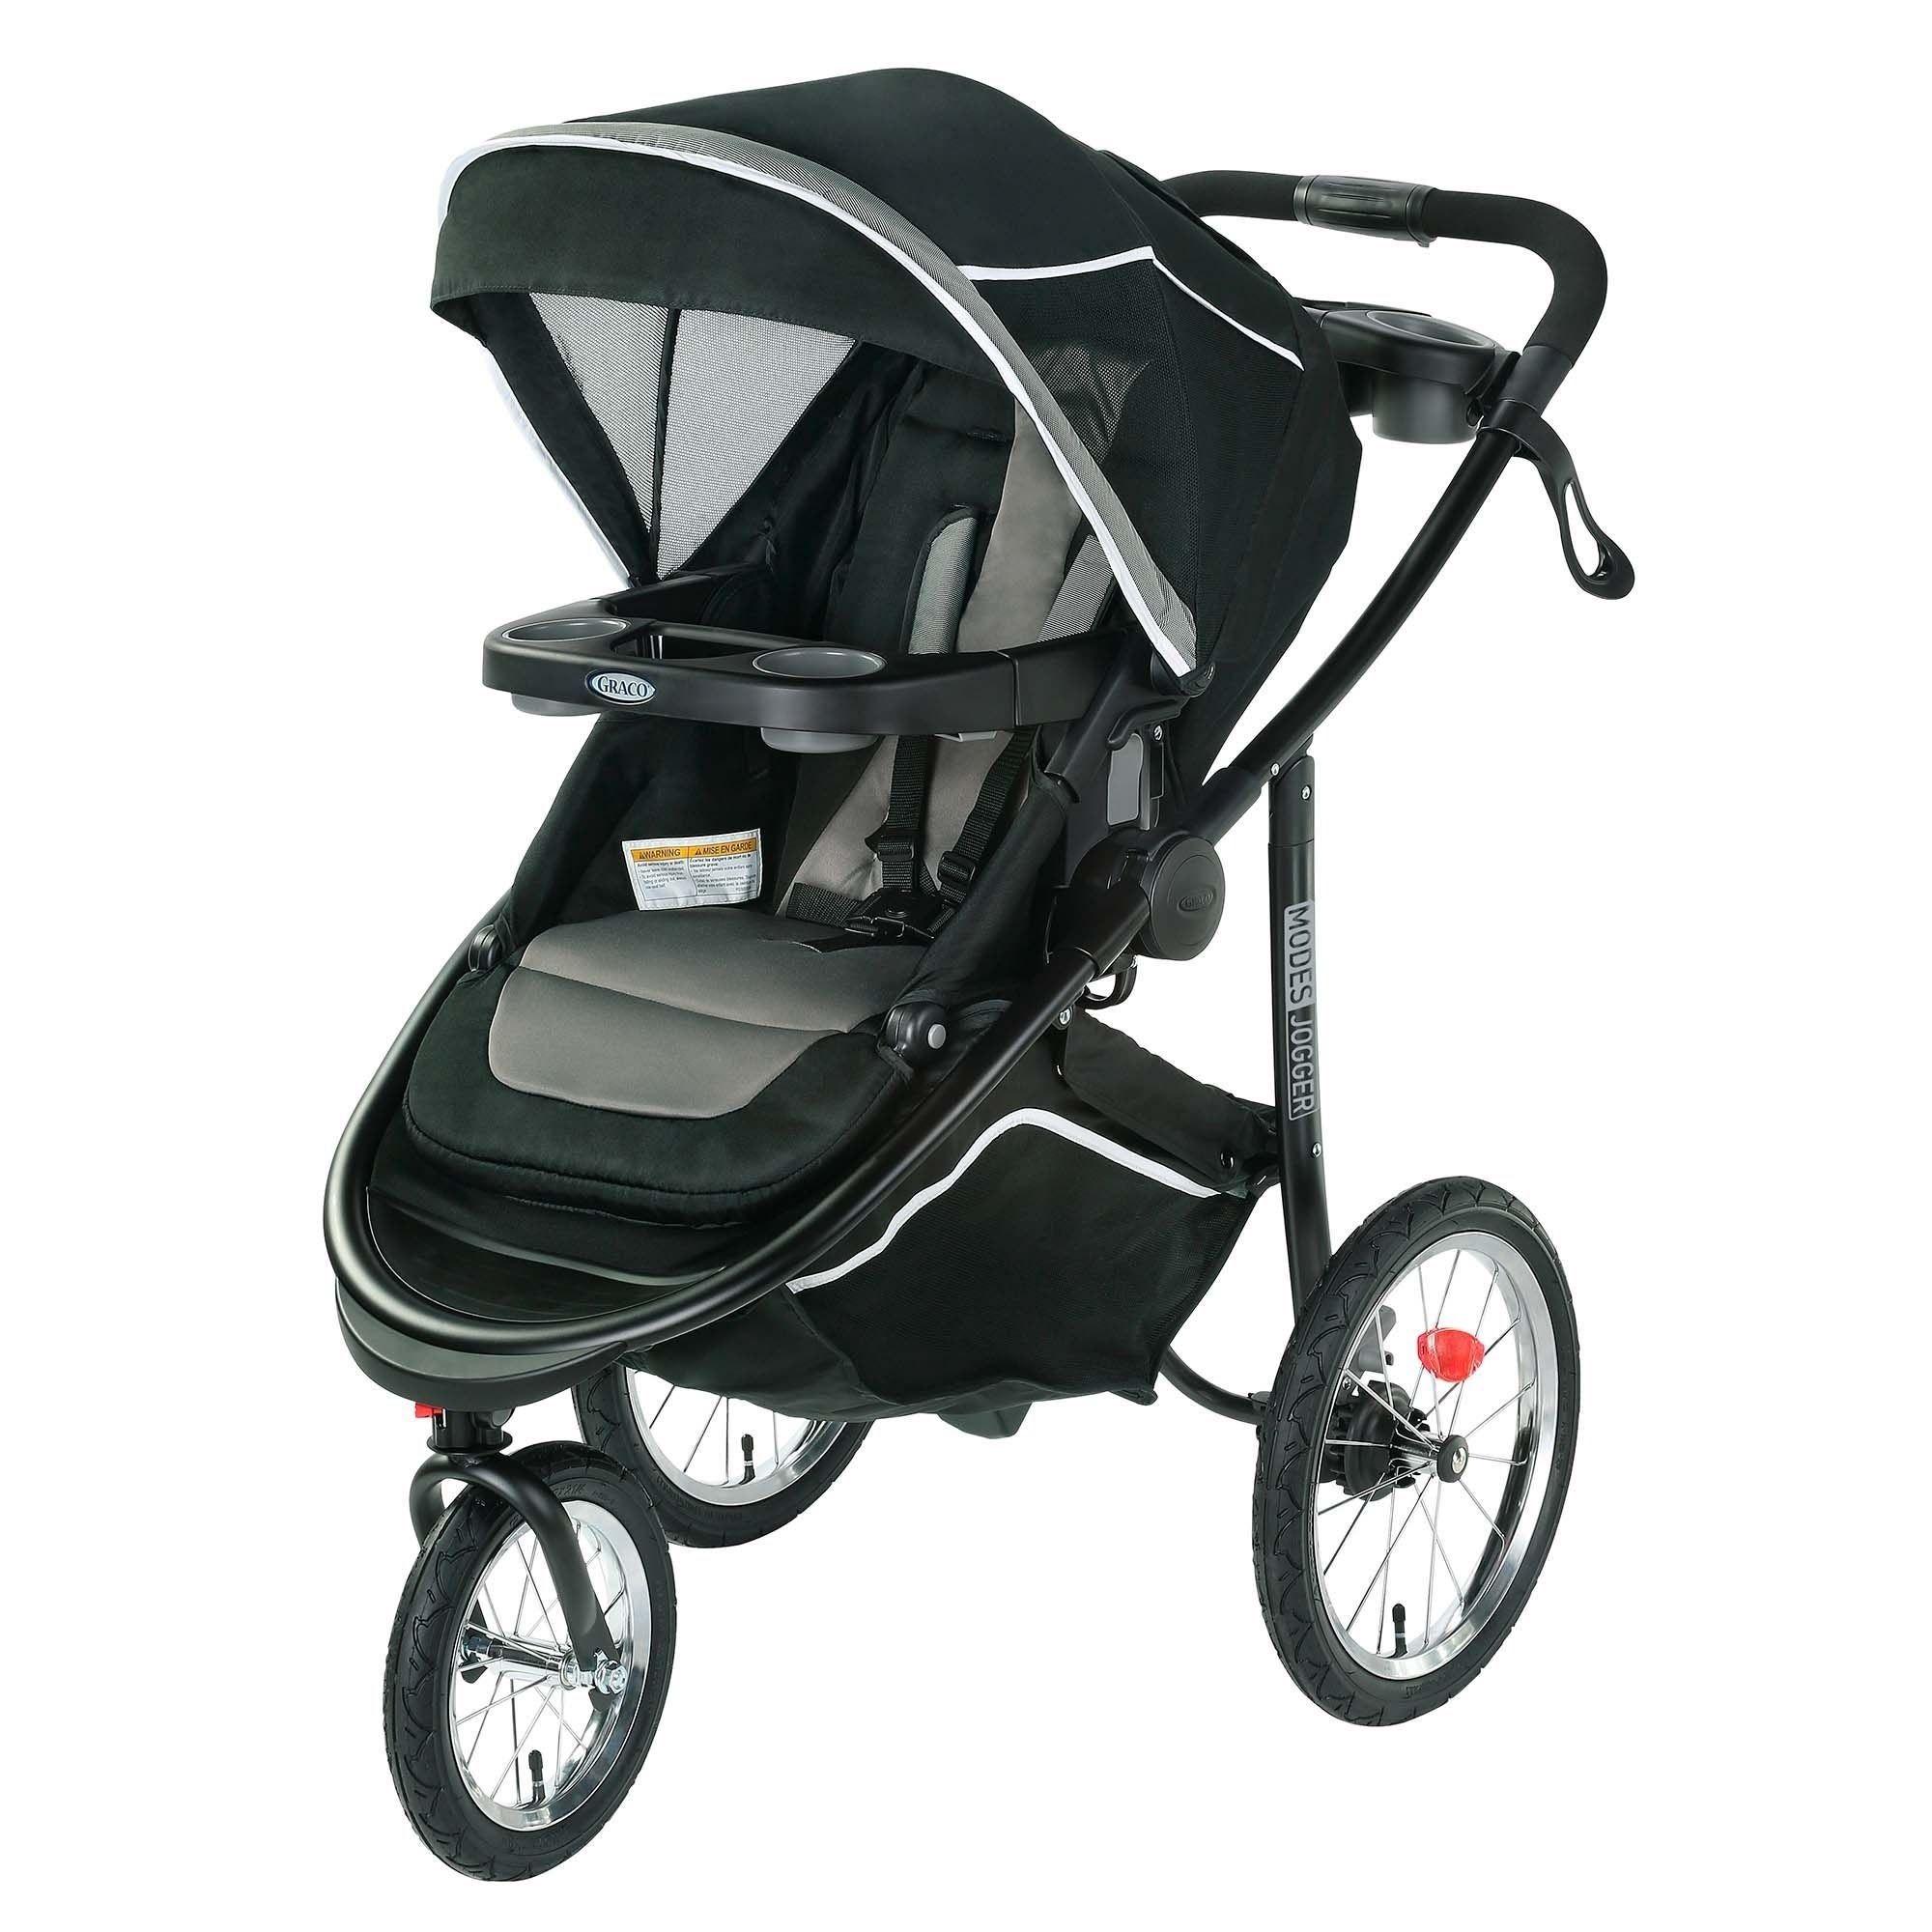 Graco Modes Jogger Stroller, Binx, Gray Jogging stroller